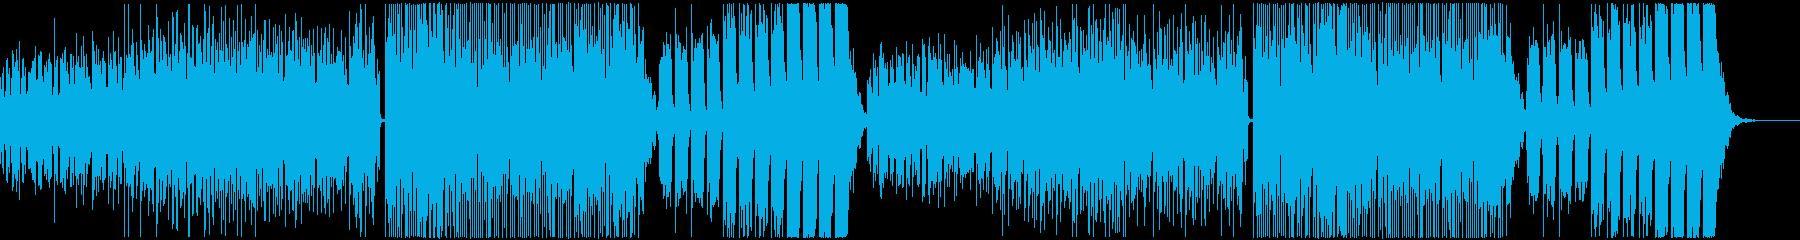 クール・スタイリッシュ・EDM・2の再生済みの波形